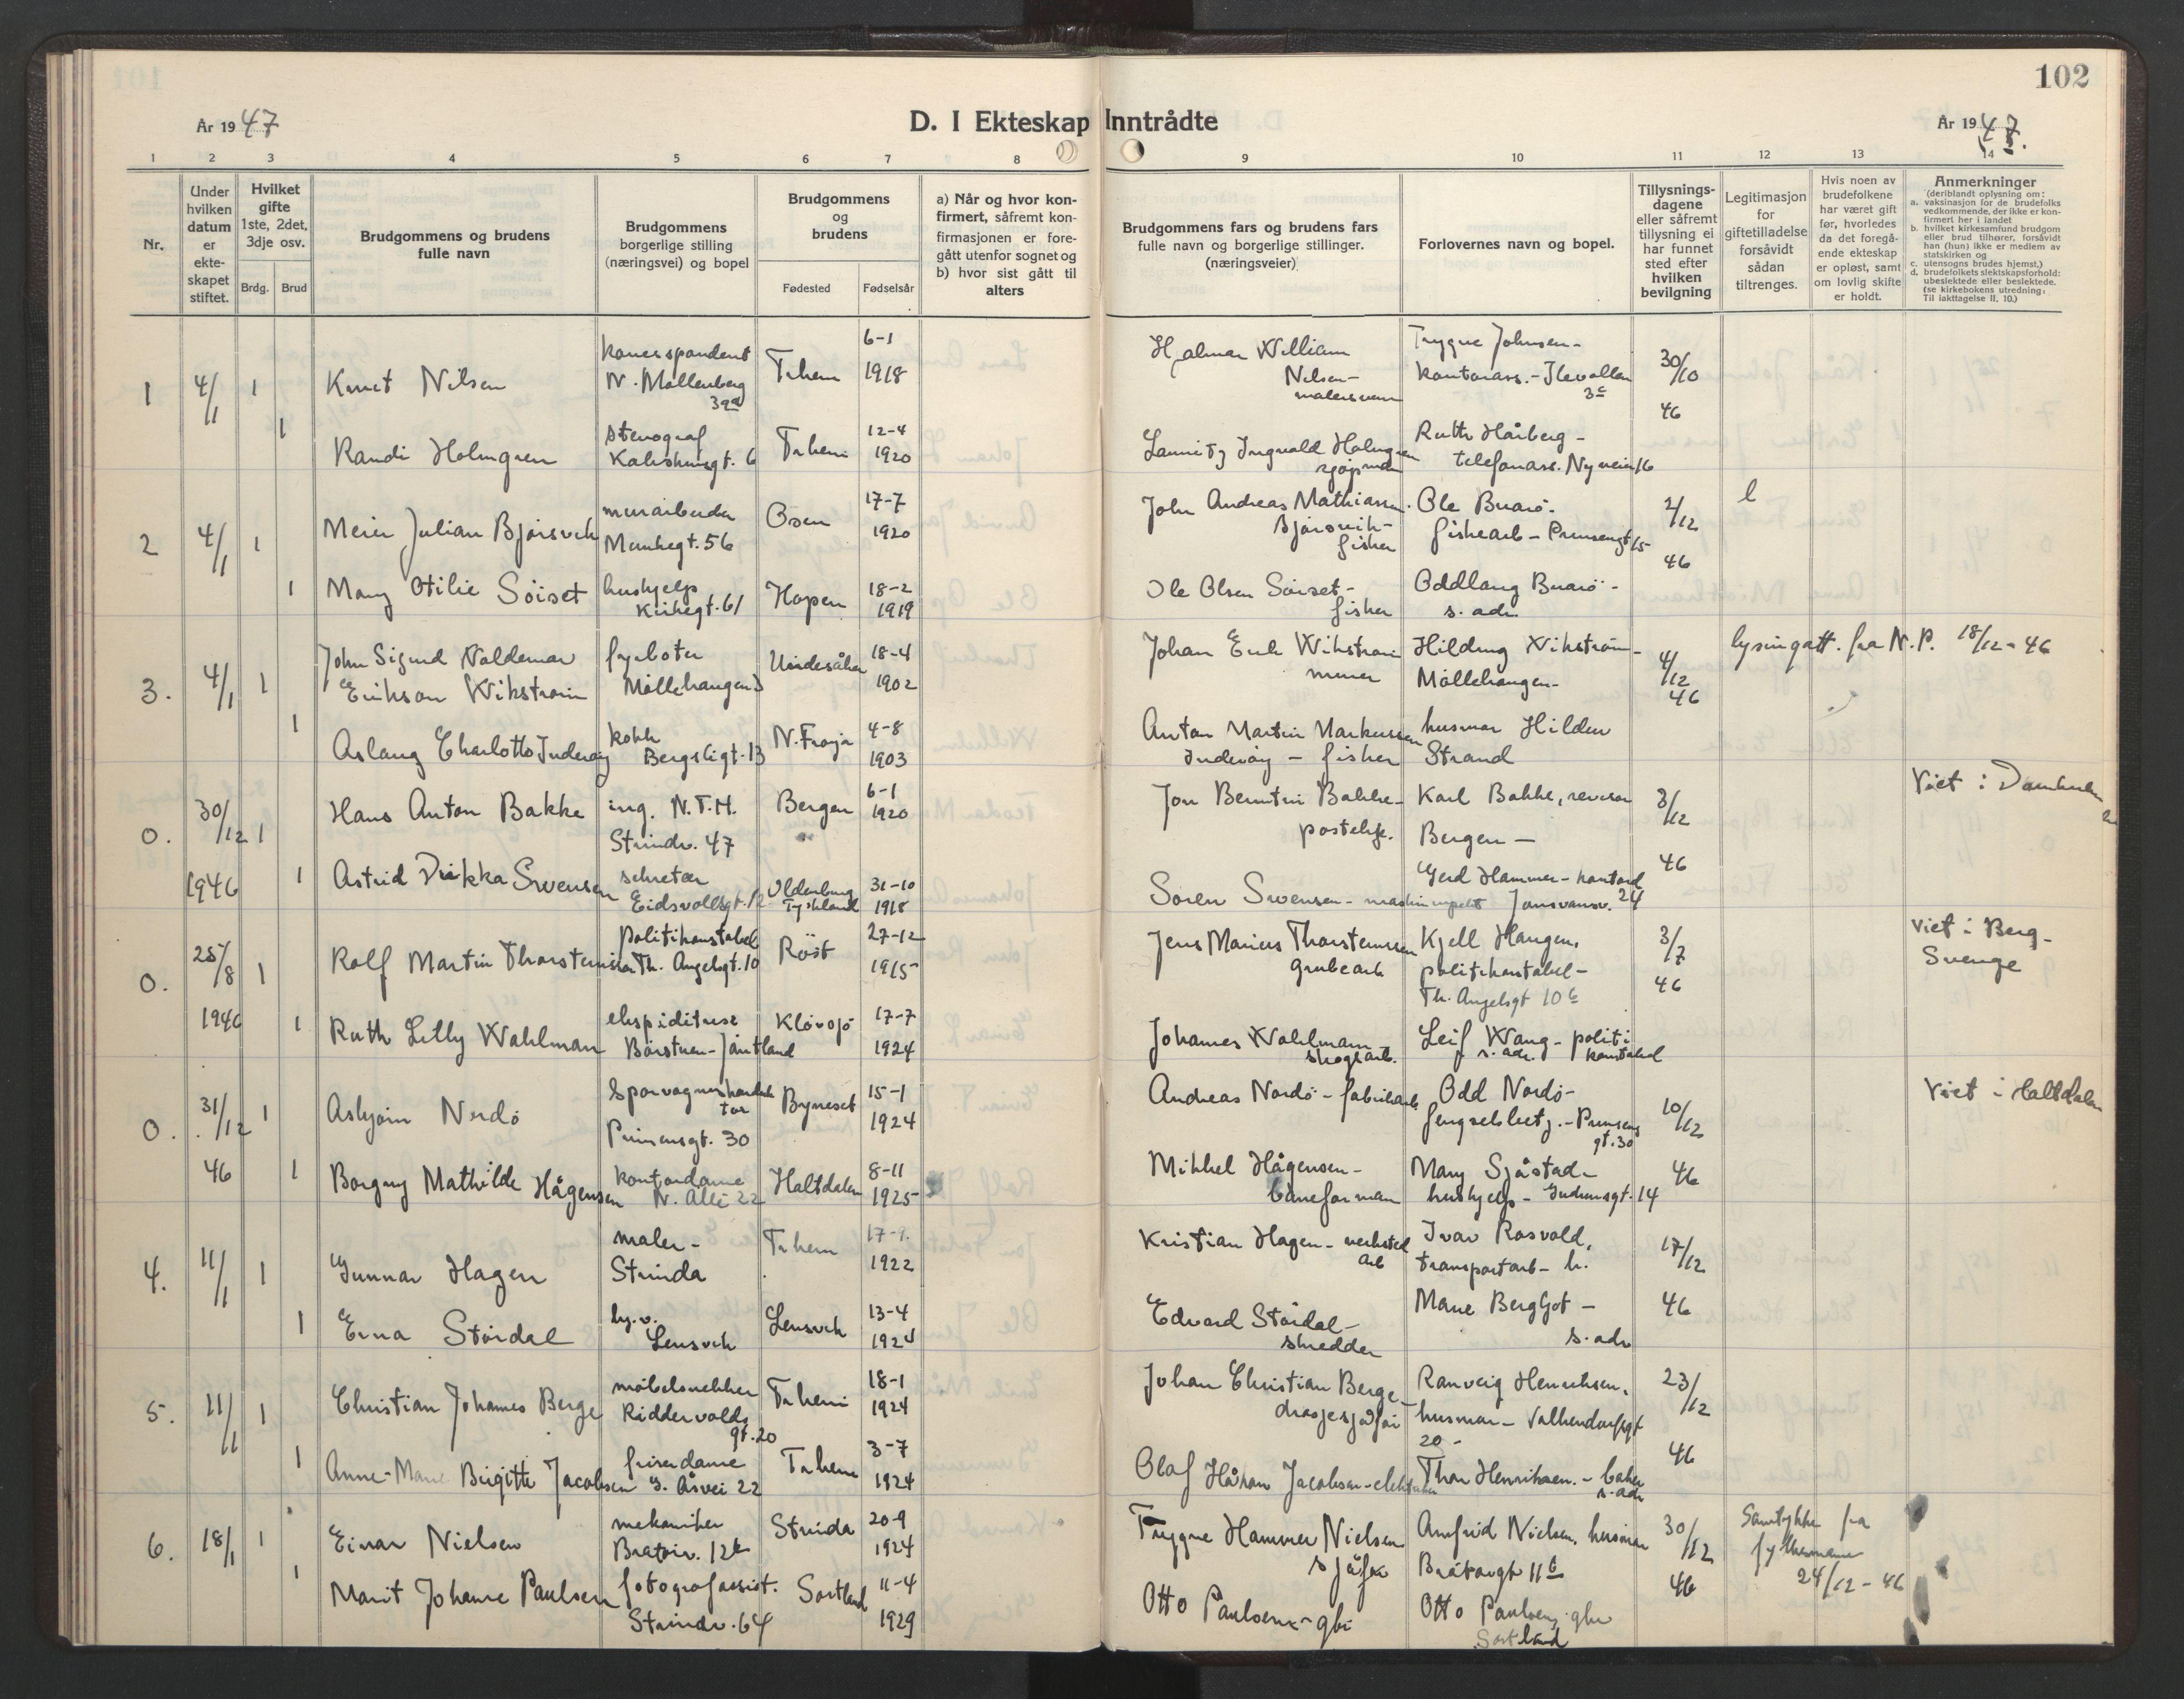 SAT, Ministerialprotokoller, klokkerbøker og fødselsregistre - Sør-Trøndelag, 602/L0154: Klokkerbok nr. 602C22, 1940-1947, s. 102